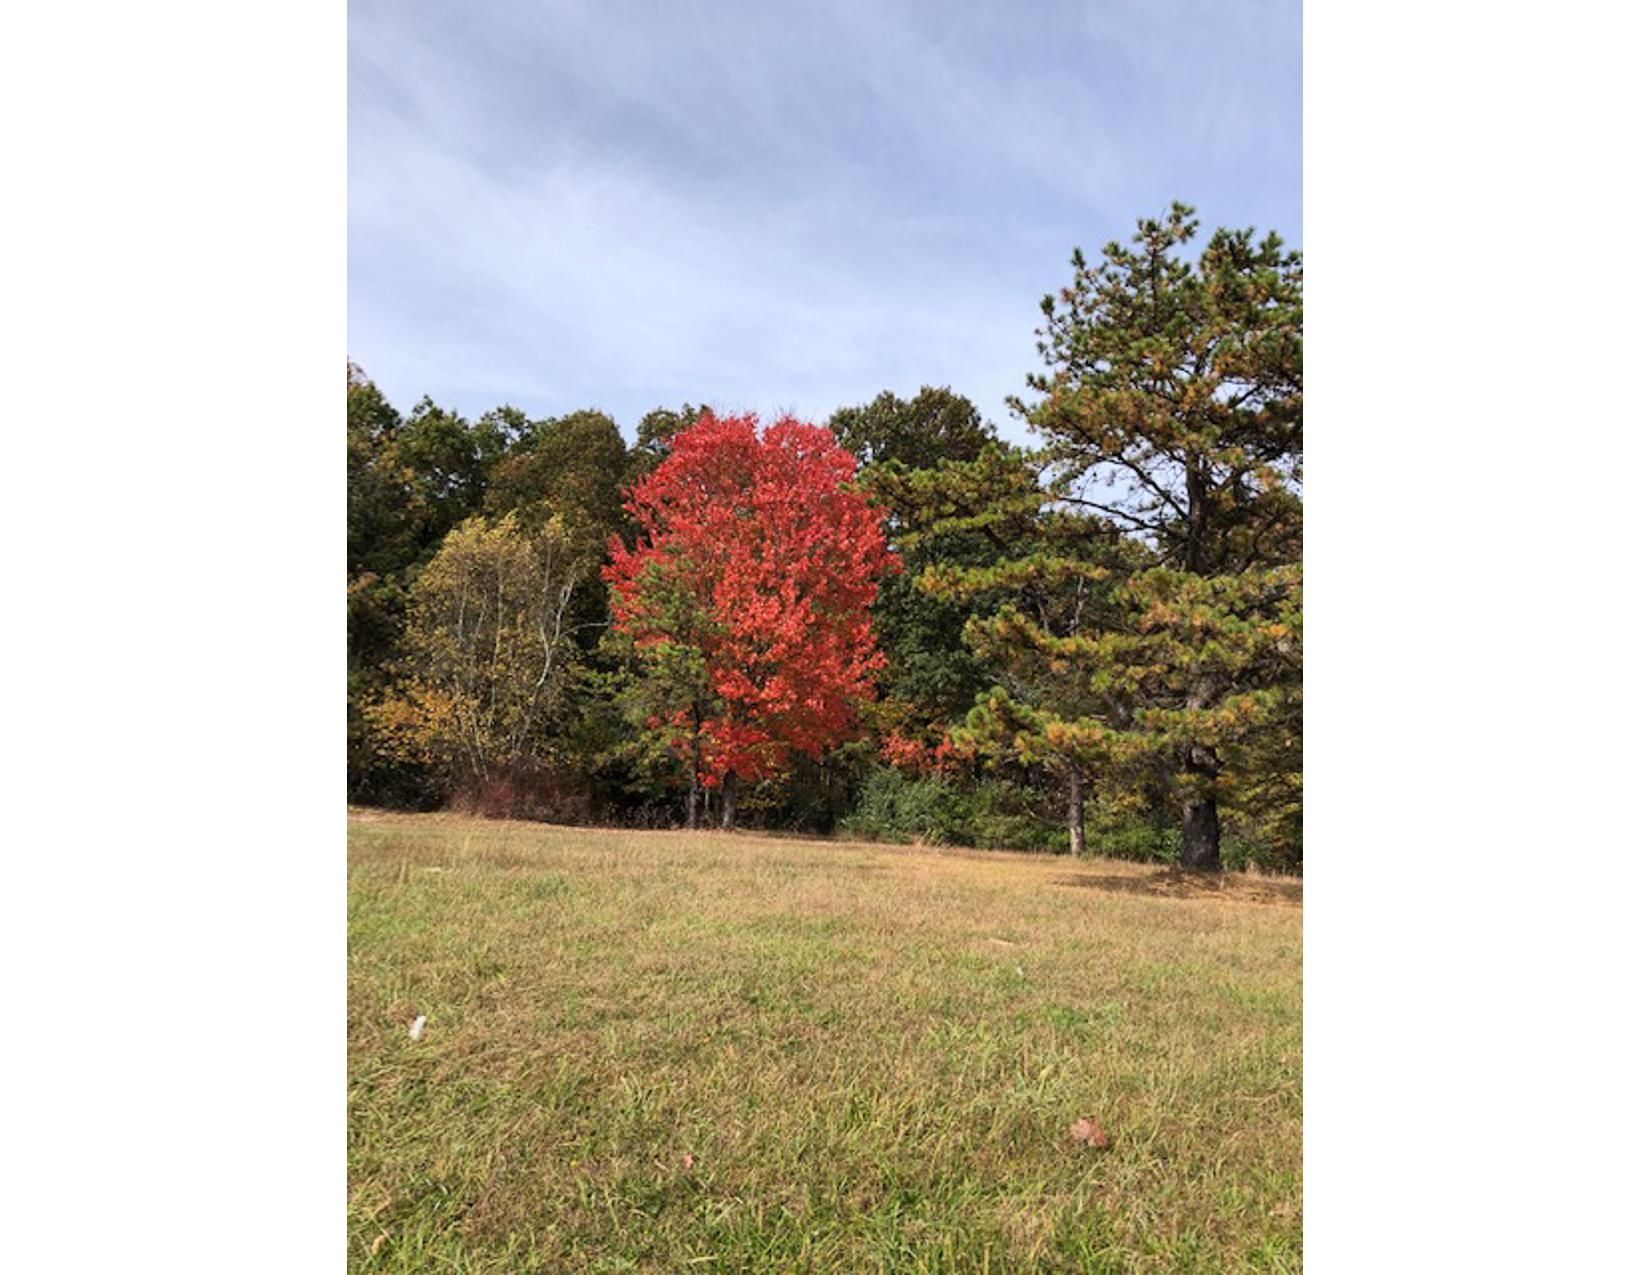 Fall-Foliage-B-06